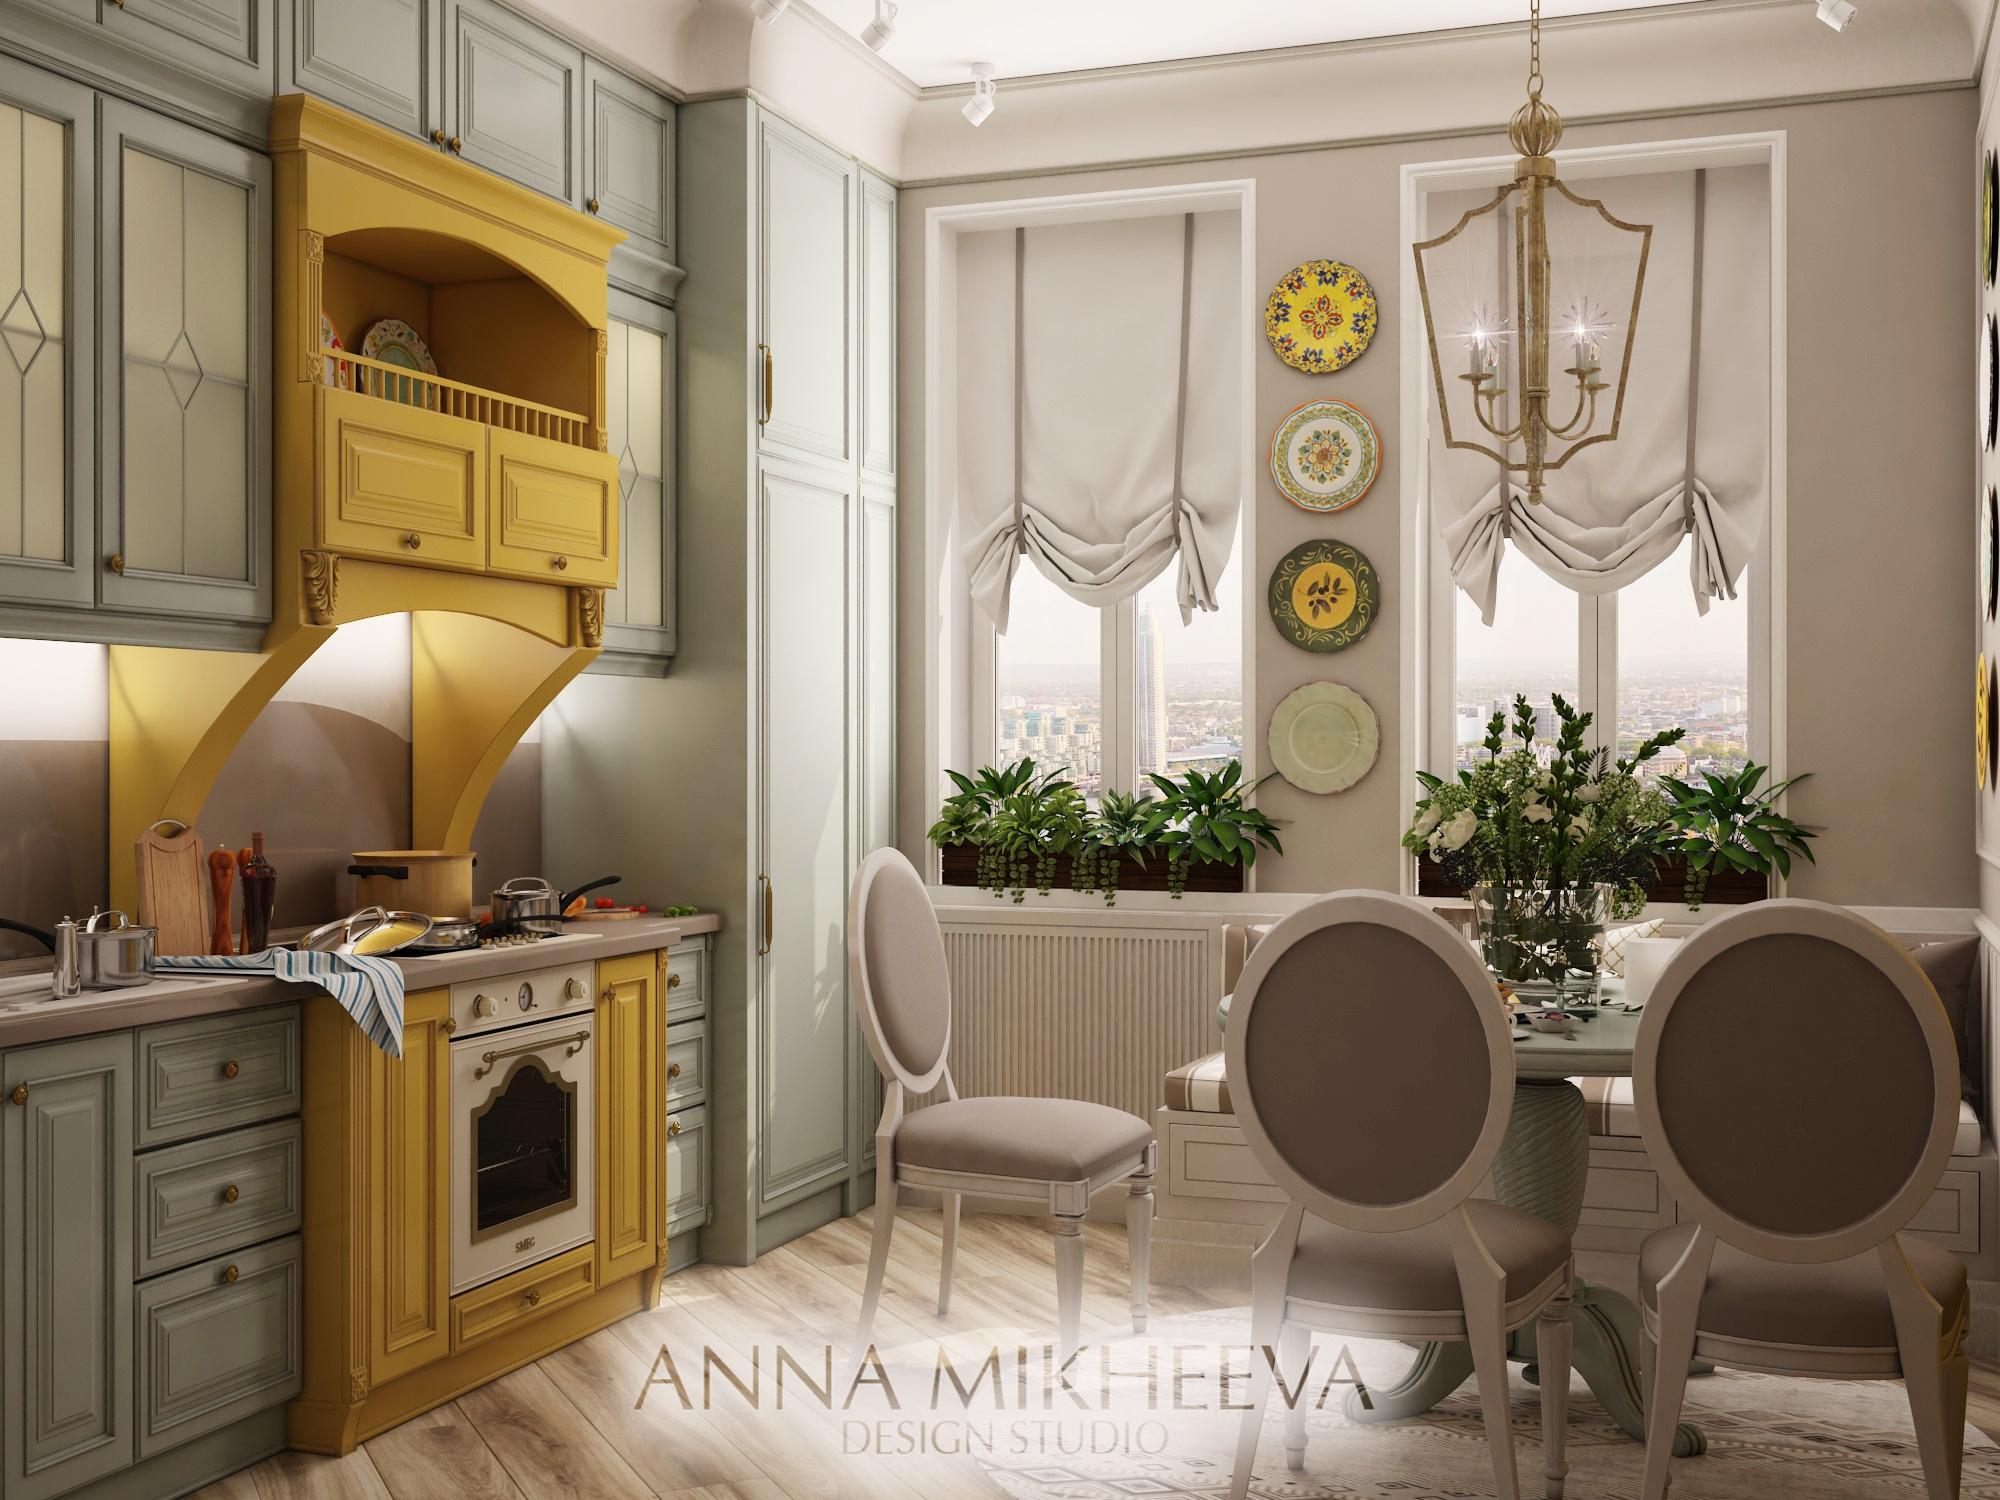 Красивый интерьер кухни. В Нур-Султане (Астане). Фото.